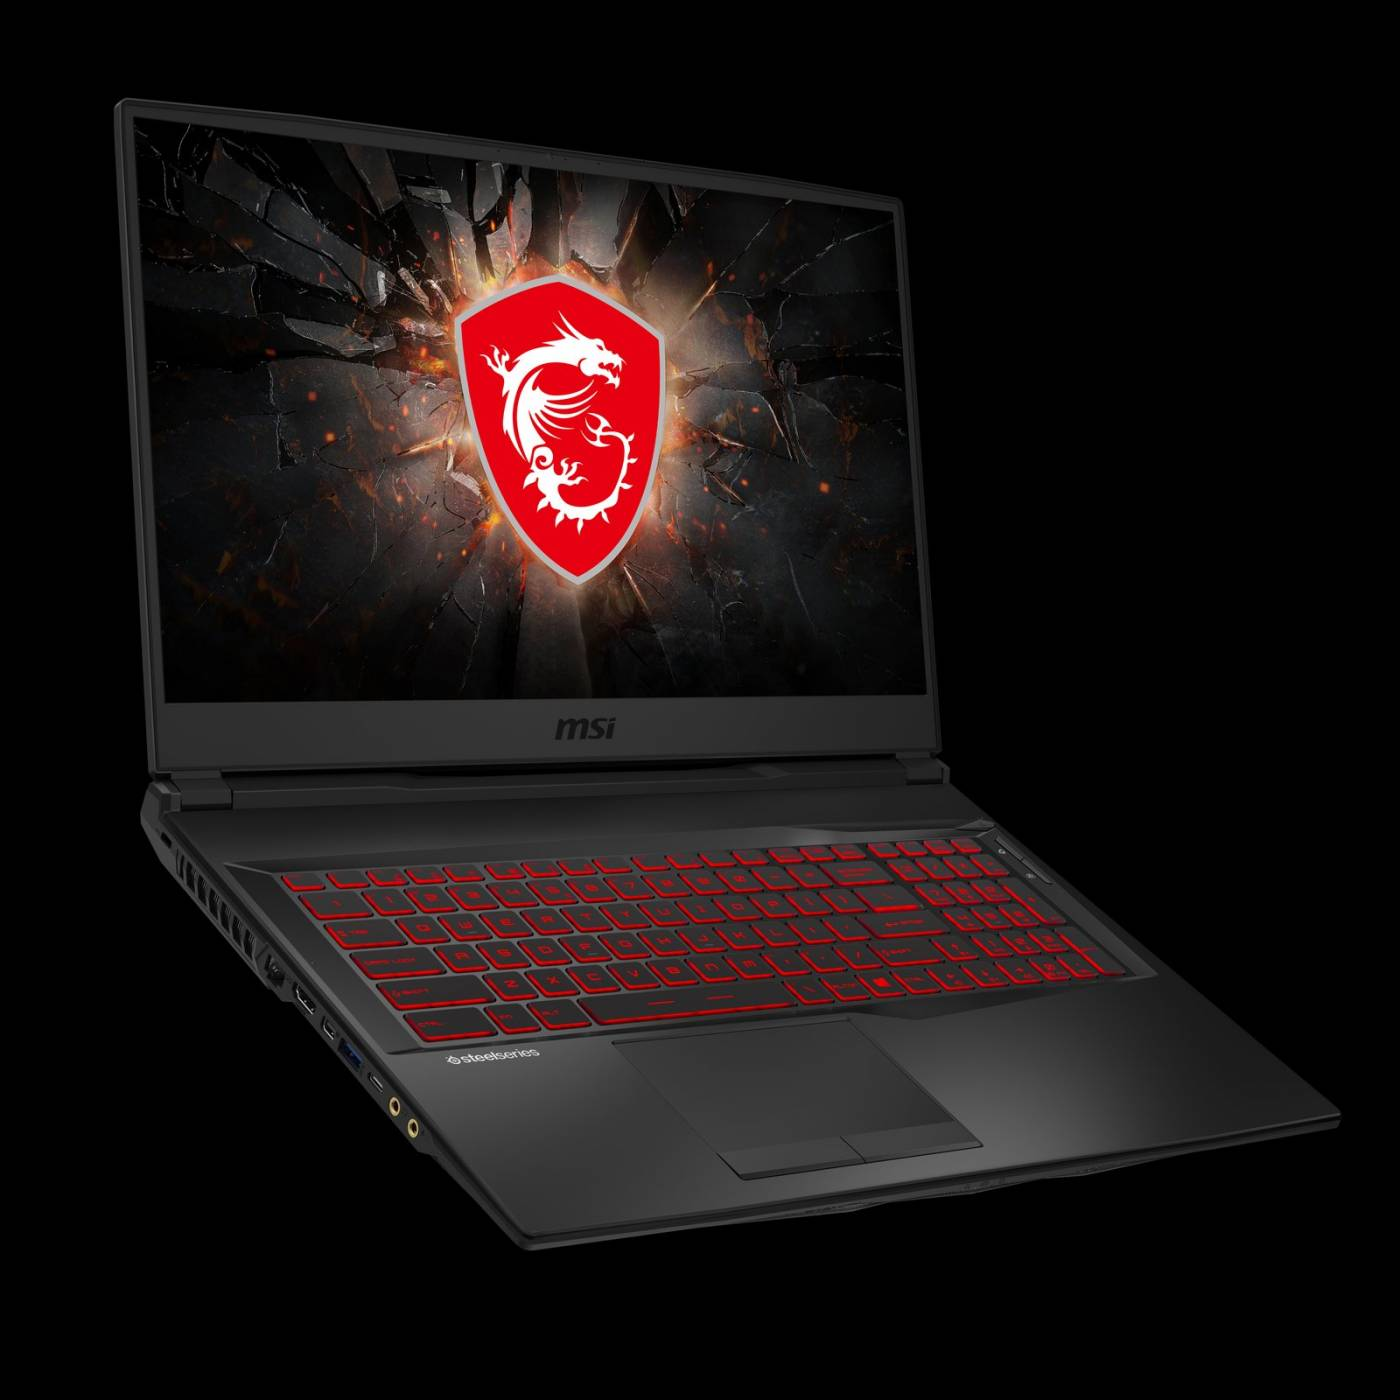 MSI показва едни от най-добрите геймърски лаптопи относно цена и производителност